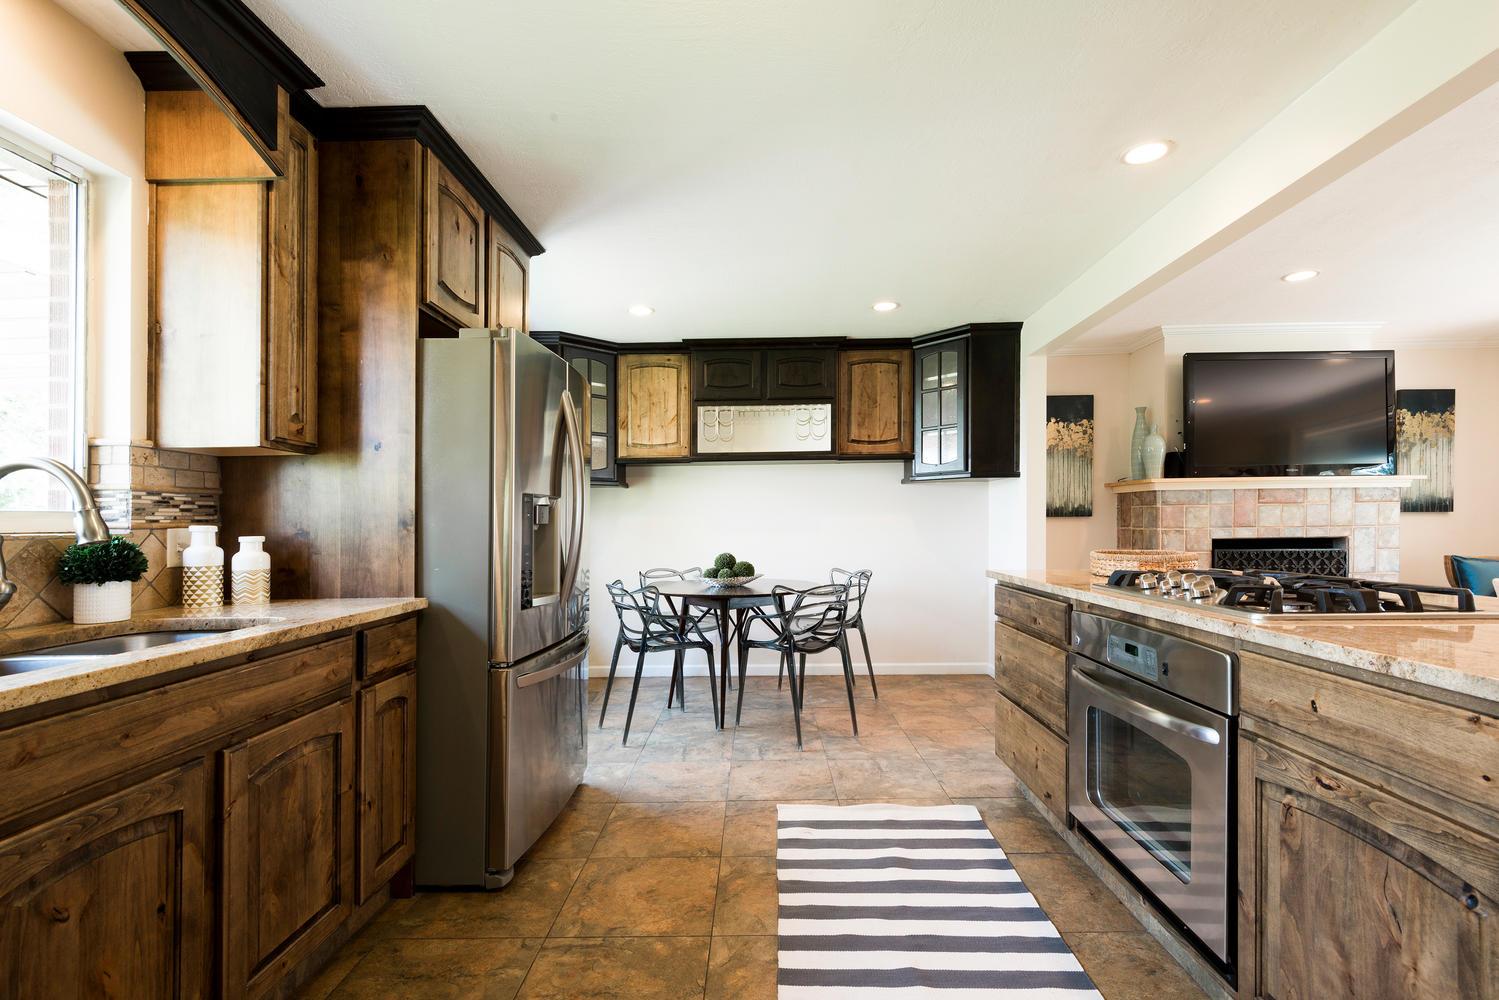 1423 E 5935 S kitchen1.jpg